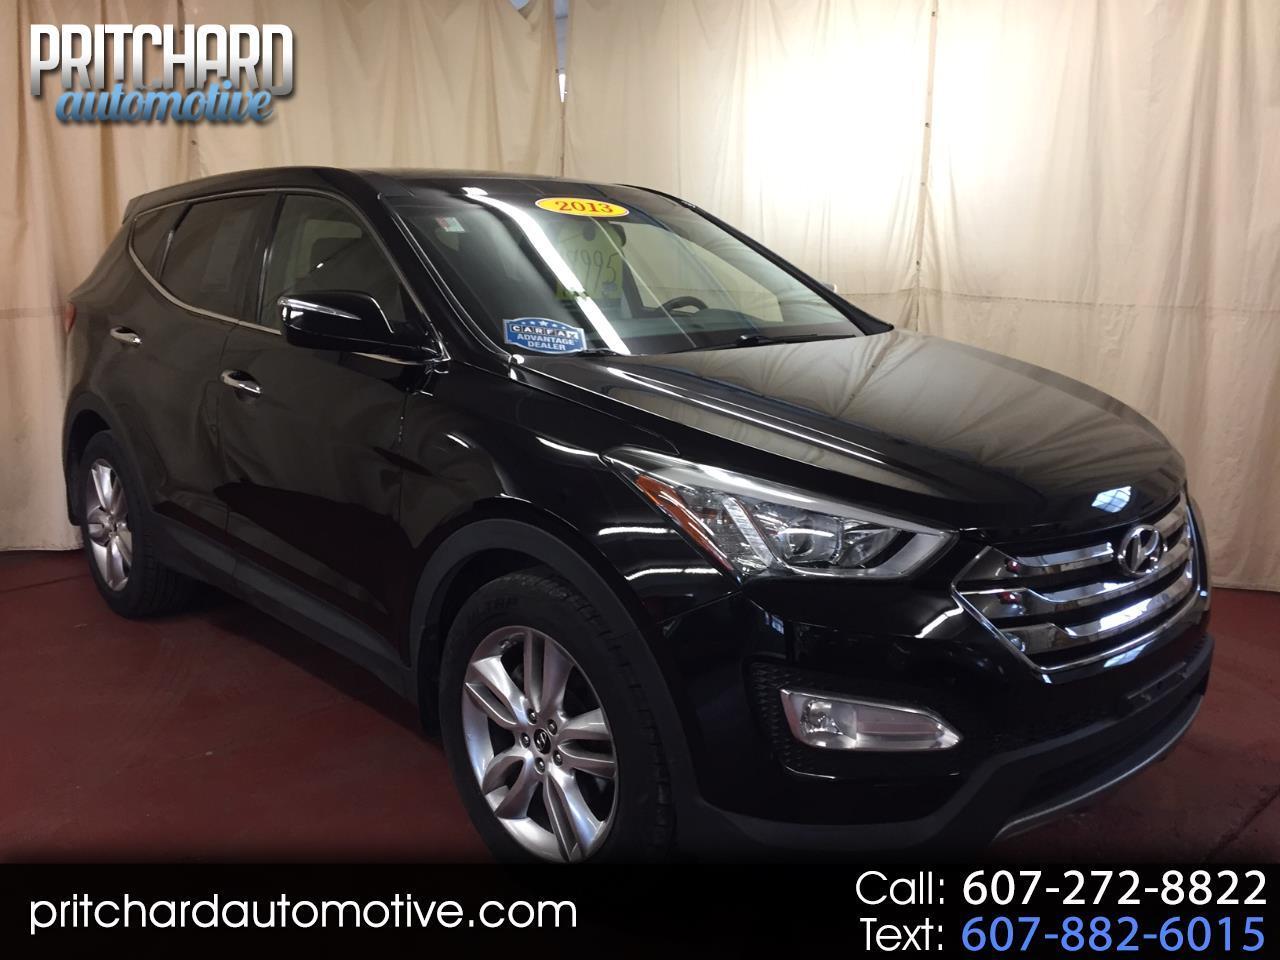 2013 Hyundai Santa Fe AWD 4dr 2.0T Sport